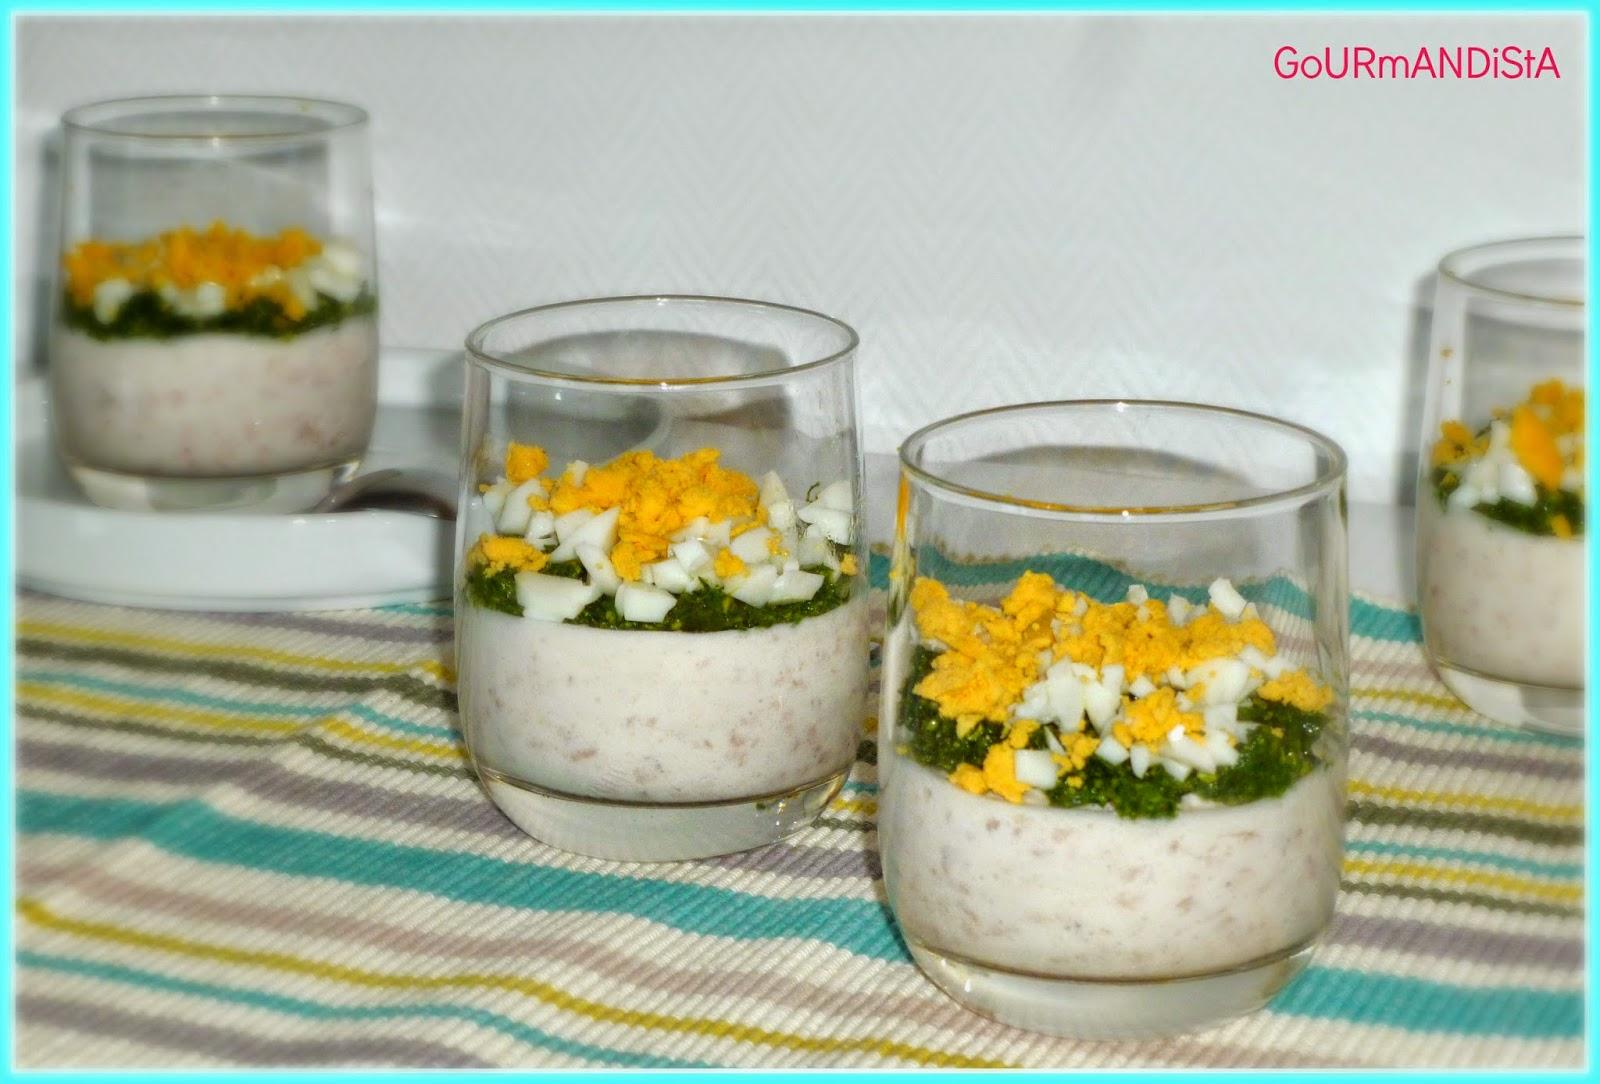 image-Mousse de jambon blanc, pesto d'épinard et œuf dur